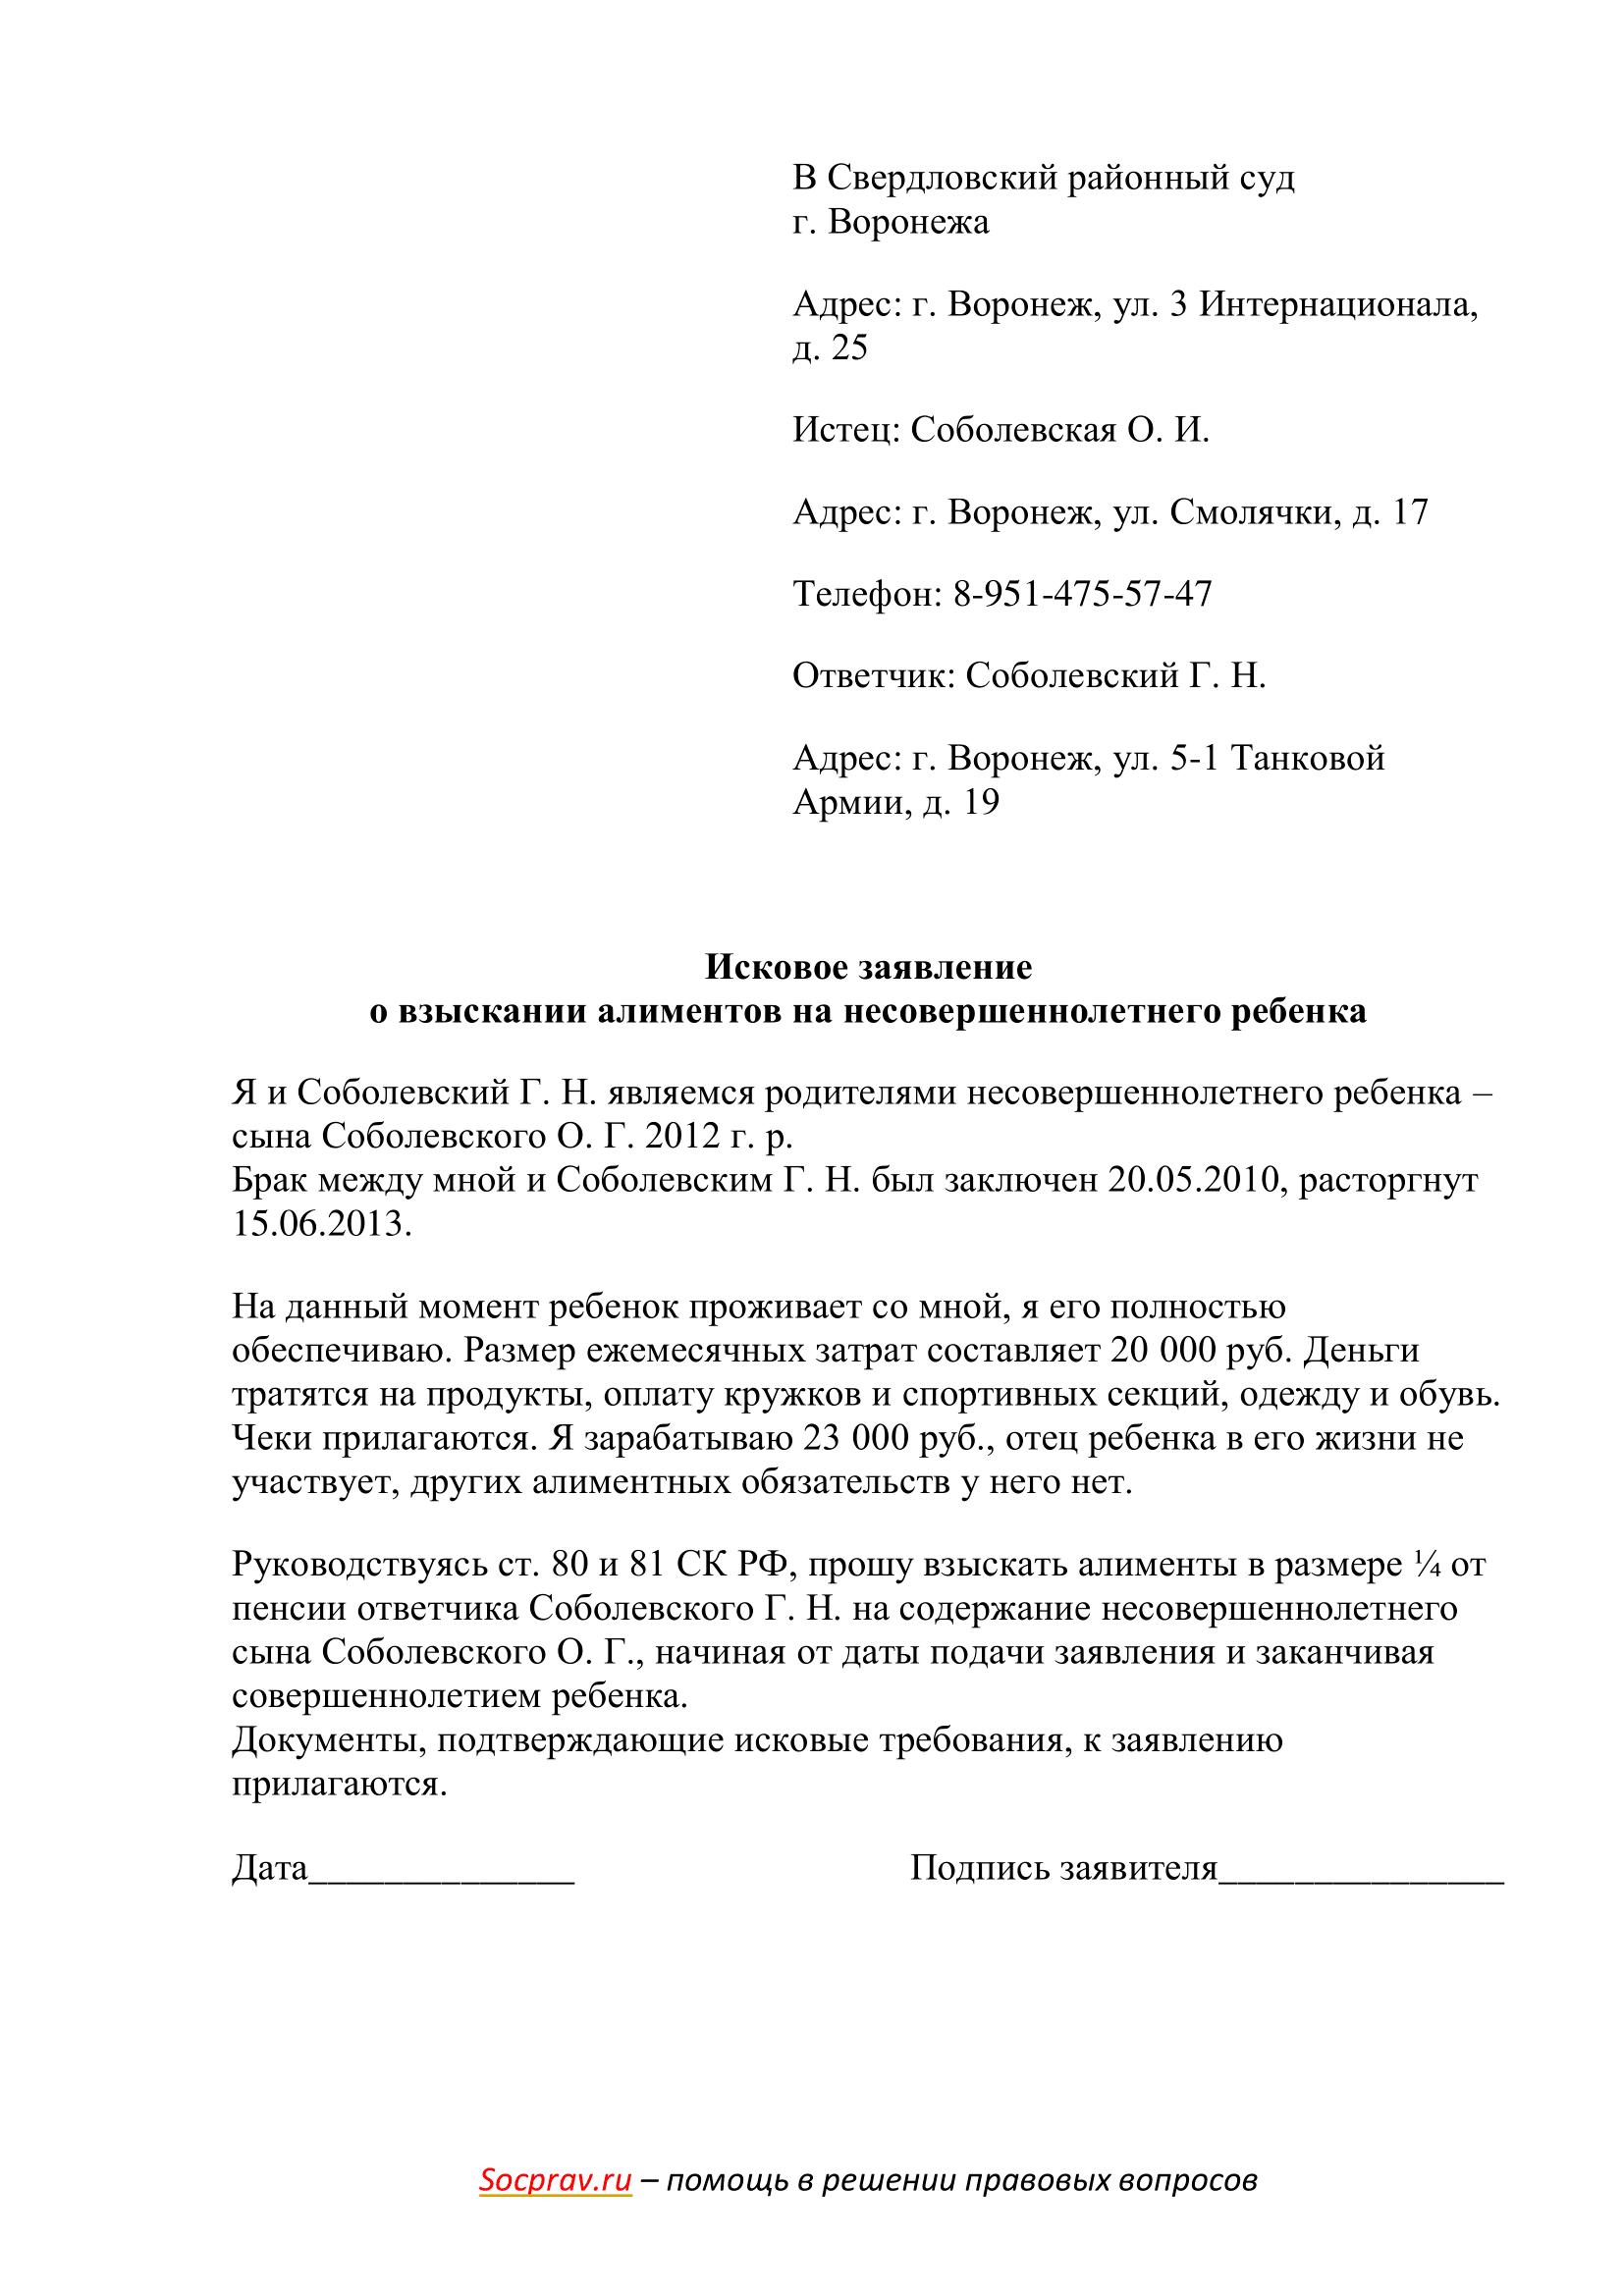 Исковое заявление о взыскании алиментов на несовершеннолетнего ребенка с пенсии